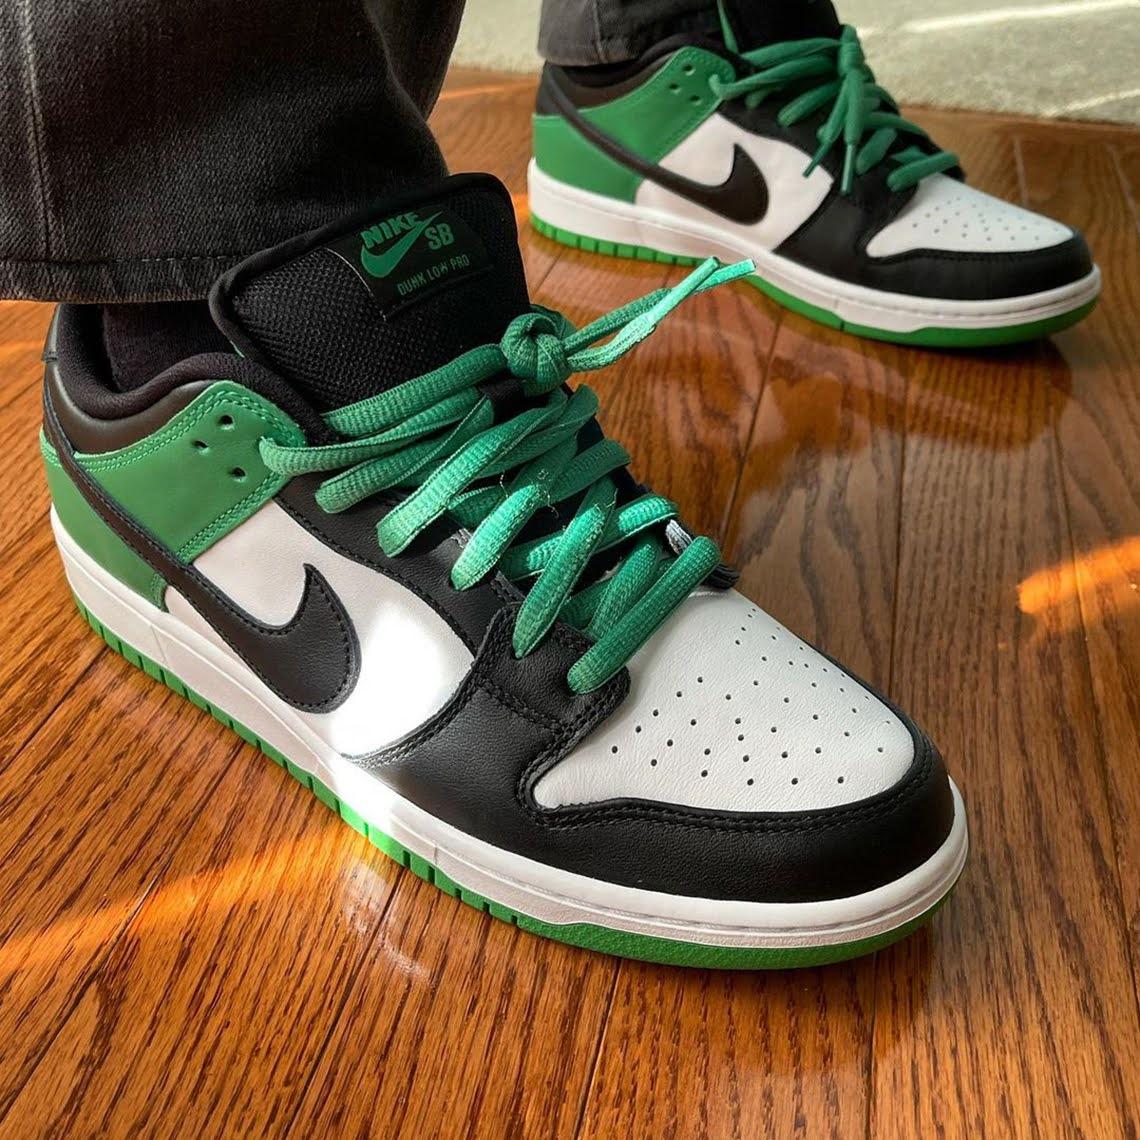 """ナイキ SB ダンク ロー """"J-パック"""" Nike-SB-Dunk-Low-J-Pack-BQ6817-302-main"""